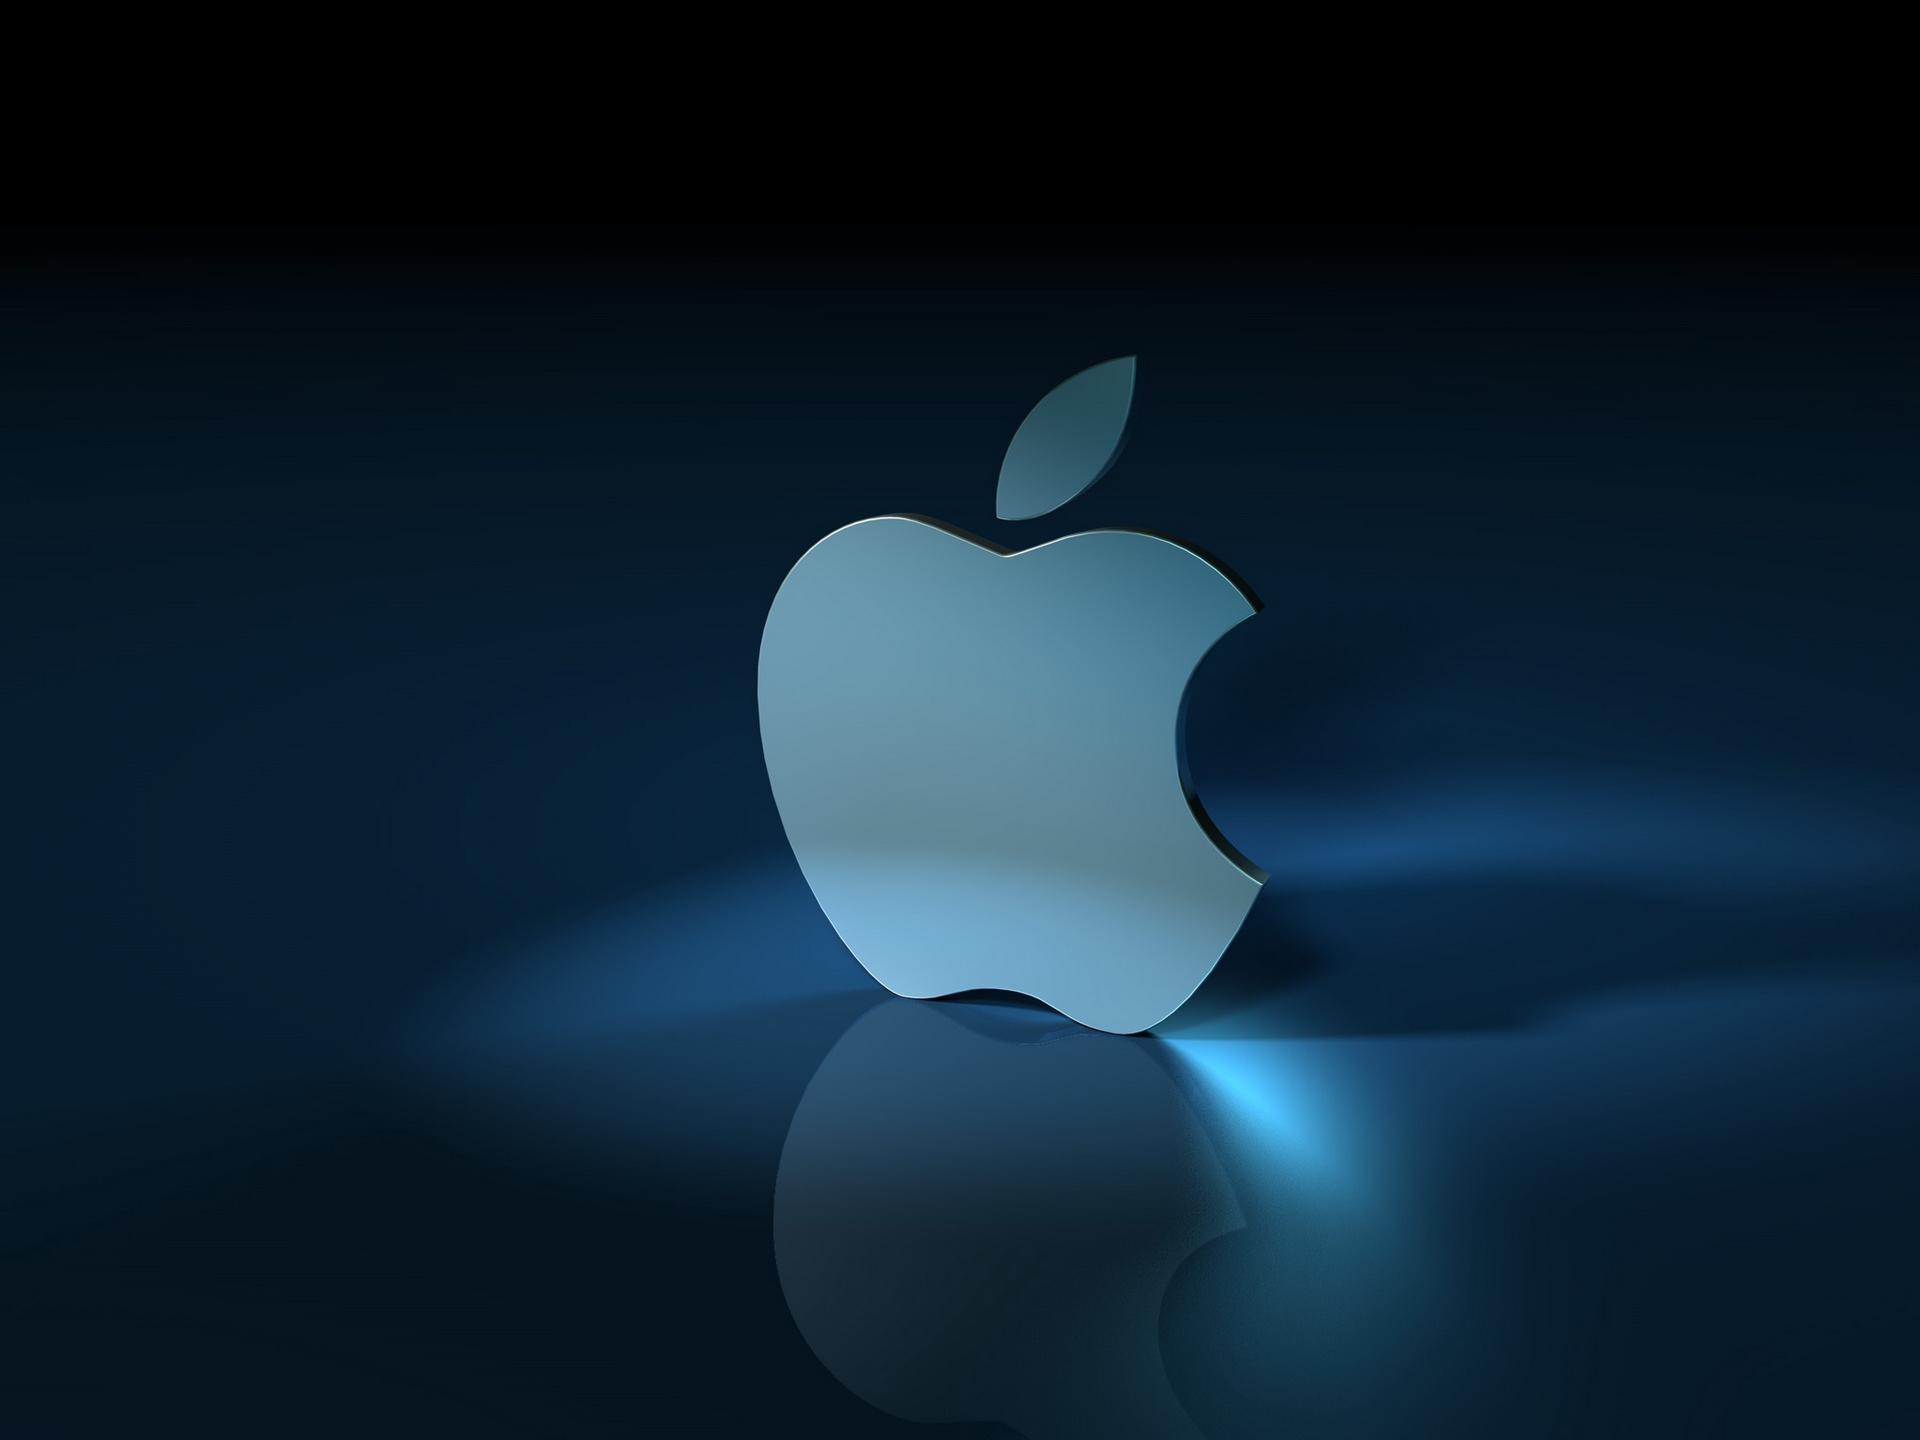 3D Apple Wallpaper